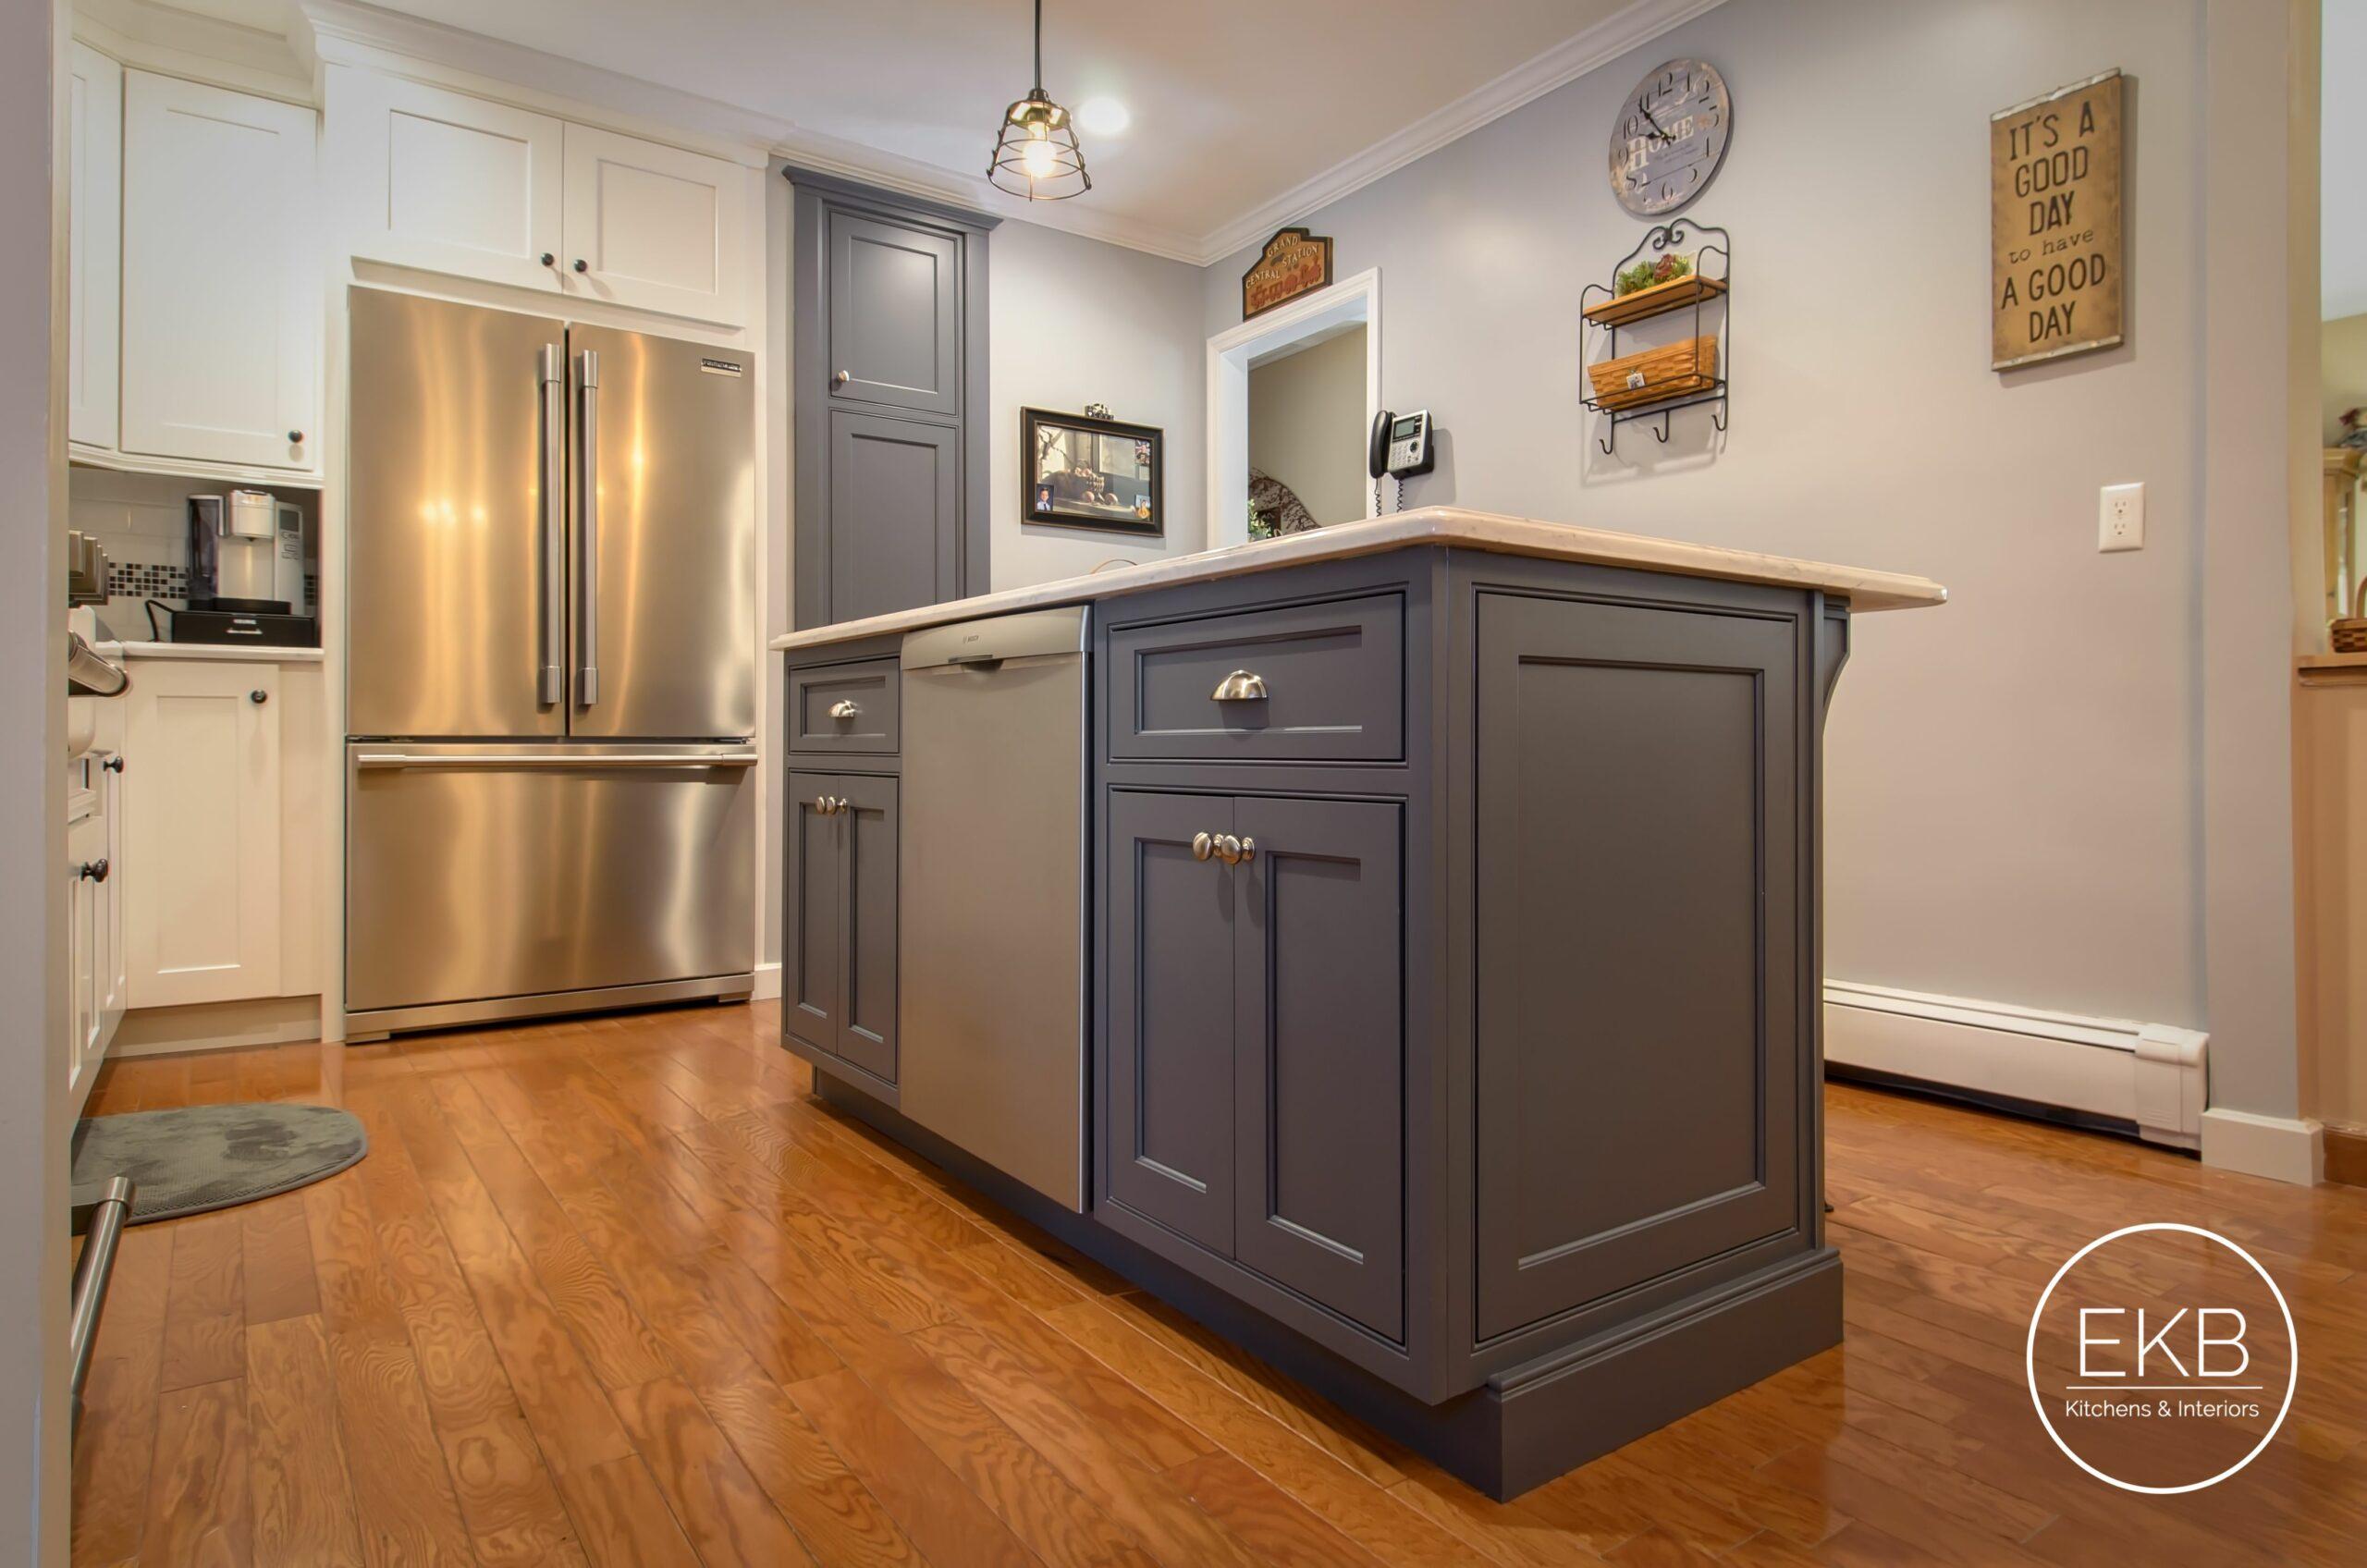 Ekb Kitchens New Windsor Ny